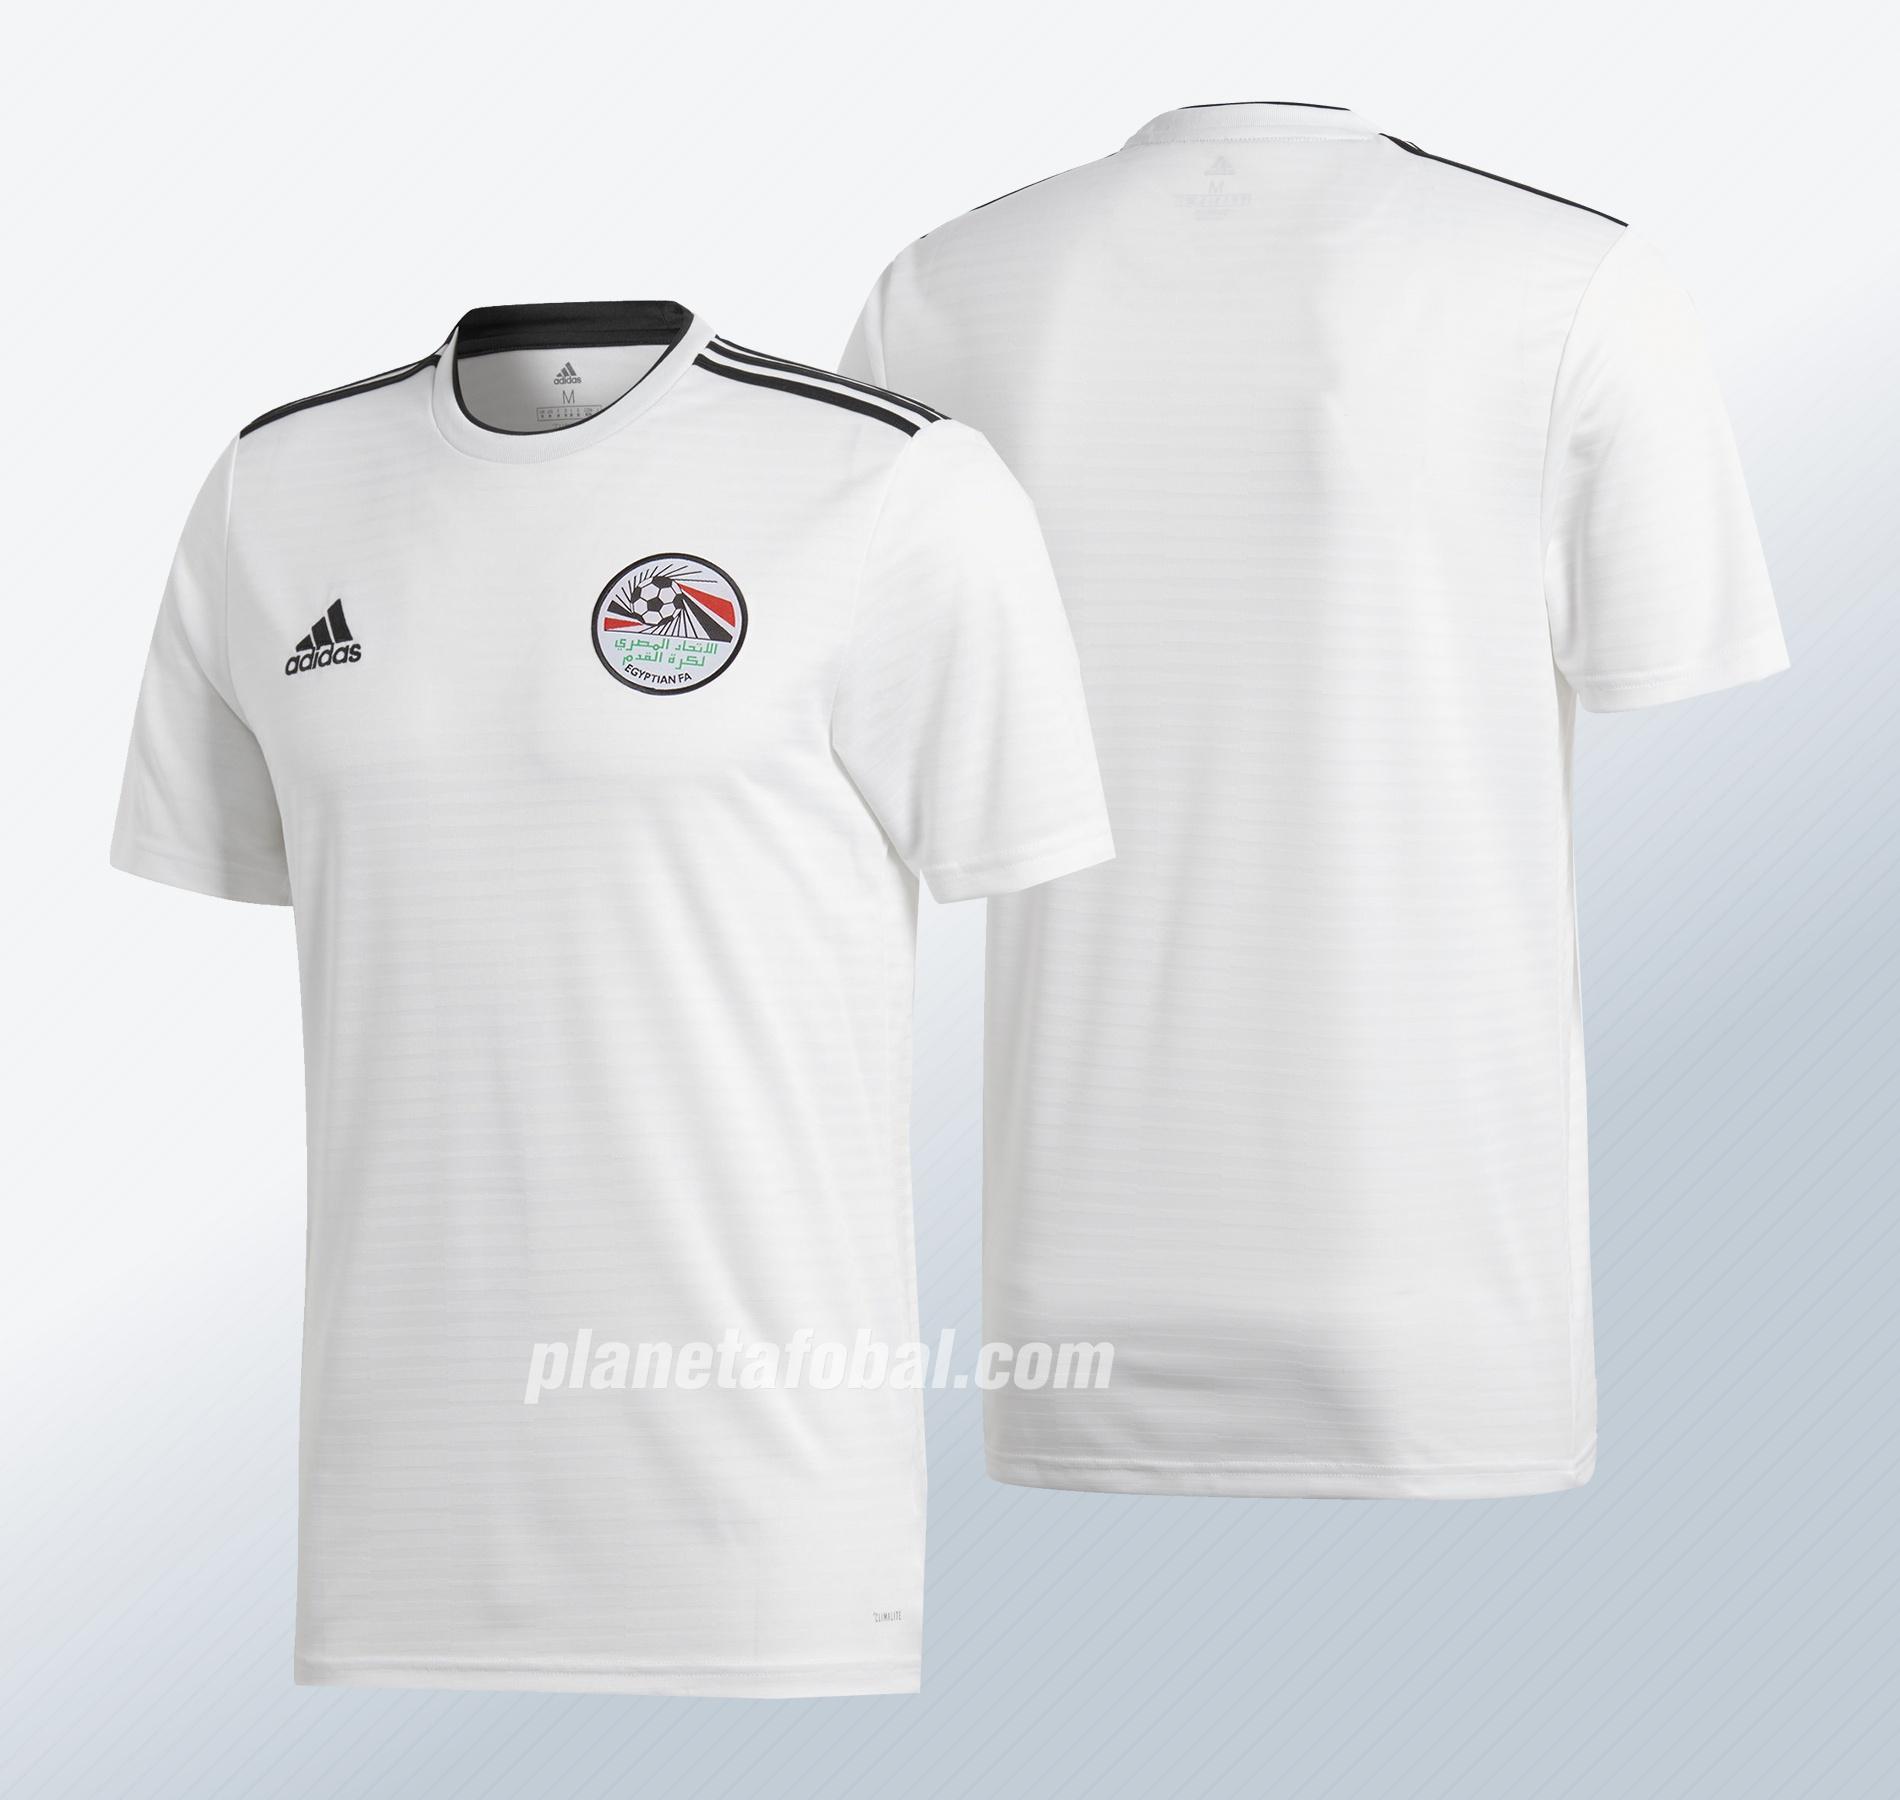 Así luce la camiseta suplente de Egipto | Imágenes Adidas